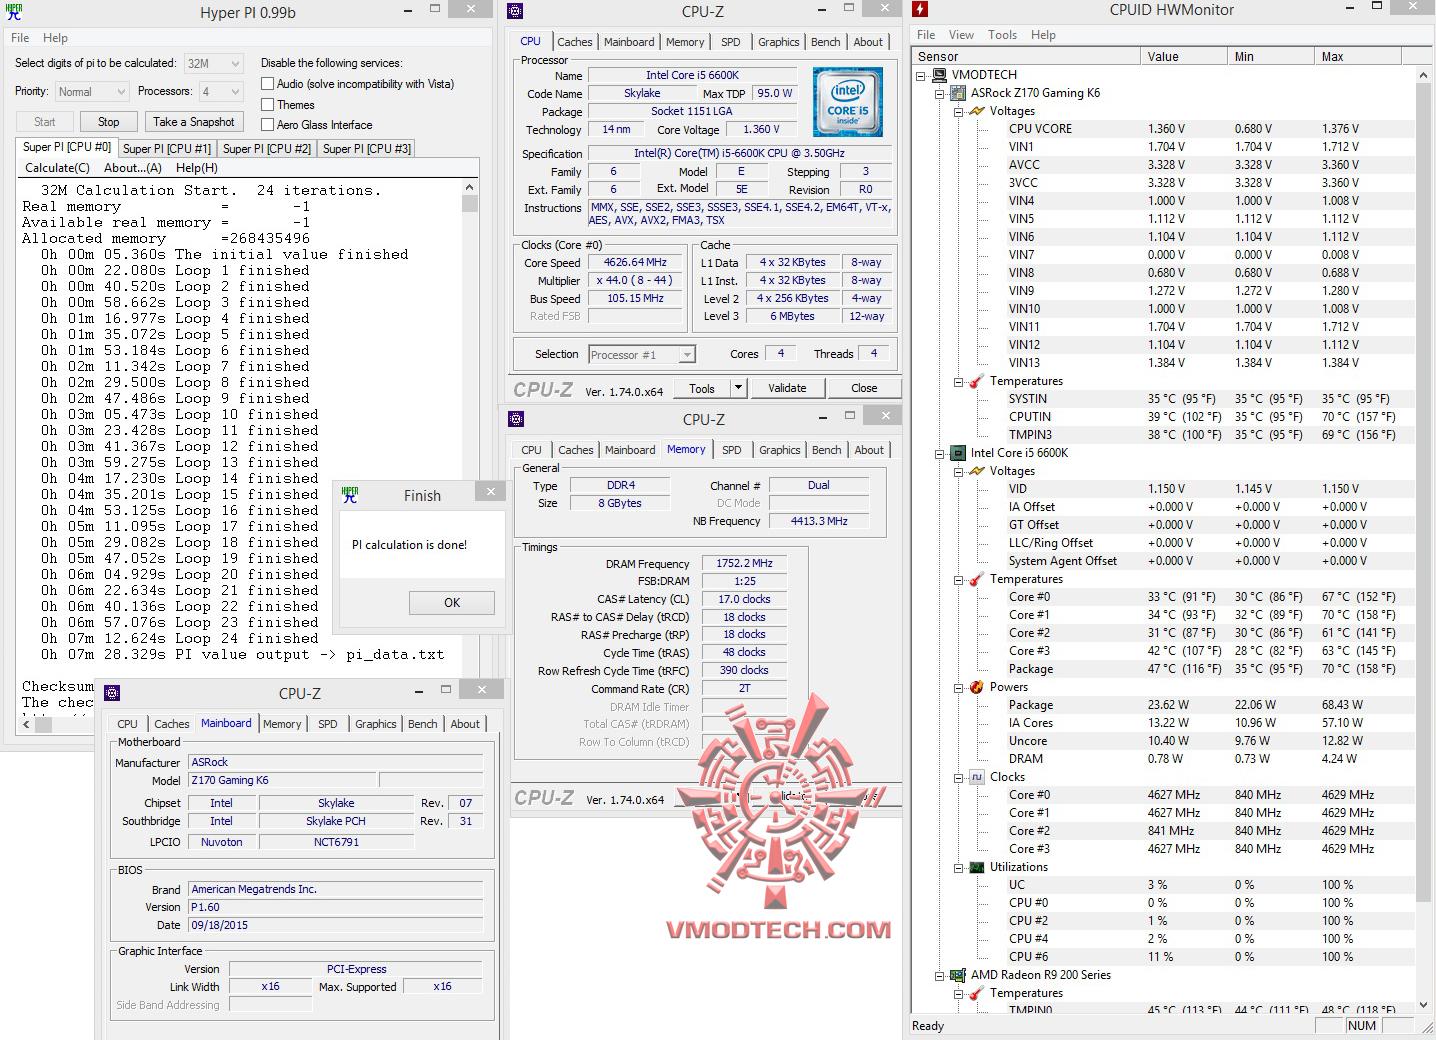 หน้าที่ 1 - Corsair Vengeance LPX 8GB (2×4GB) DDR4 DRAM